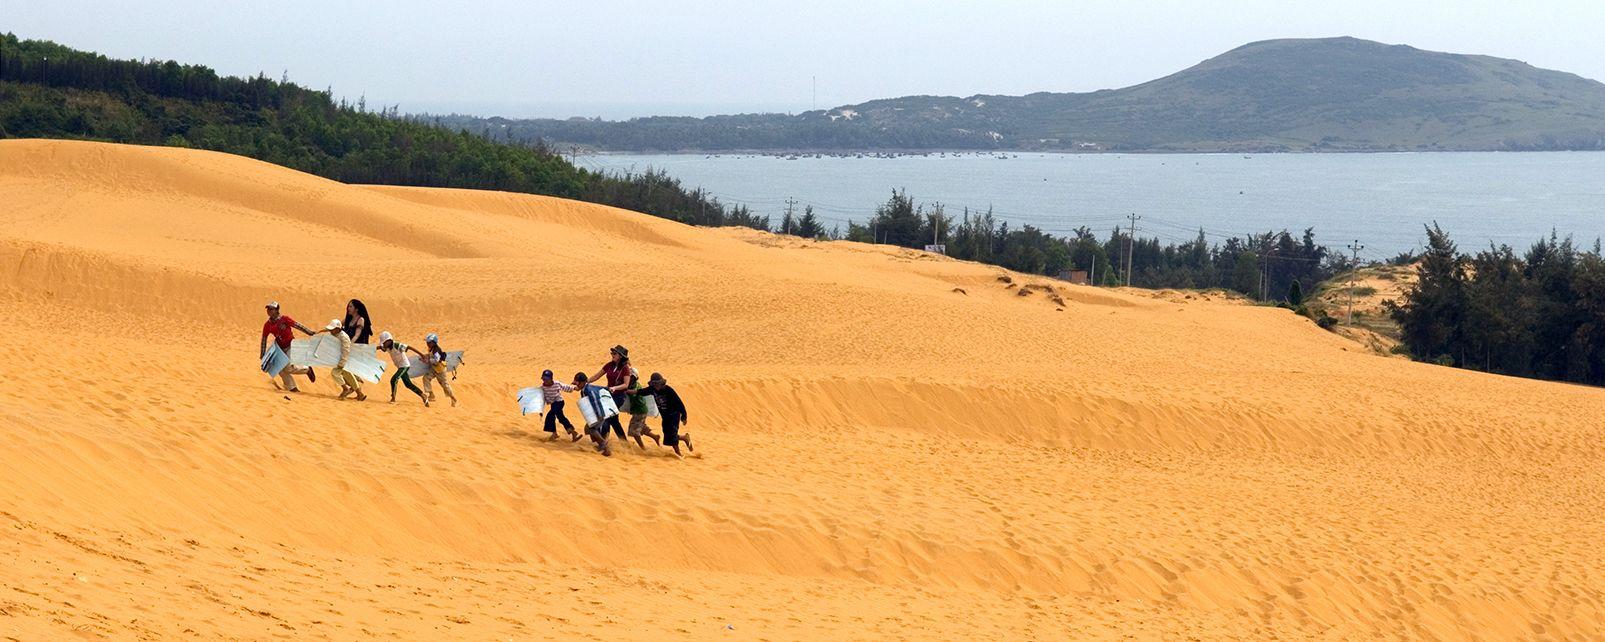 Les côtes de l'Annam , Les dunes de sable d'Hué , Vietnam